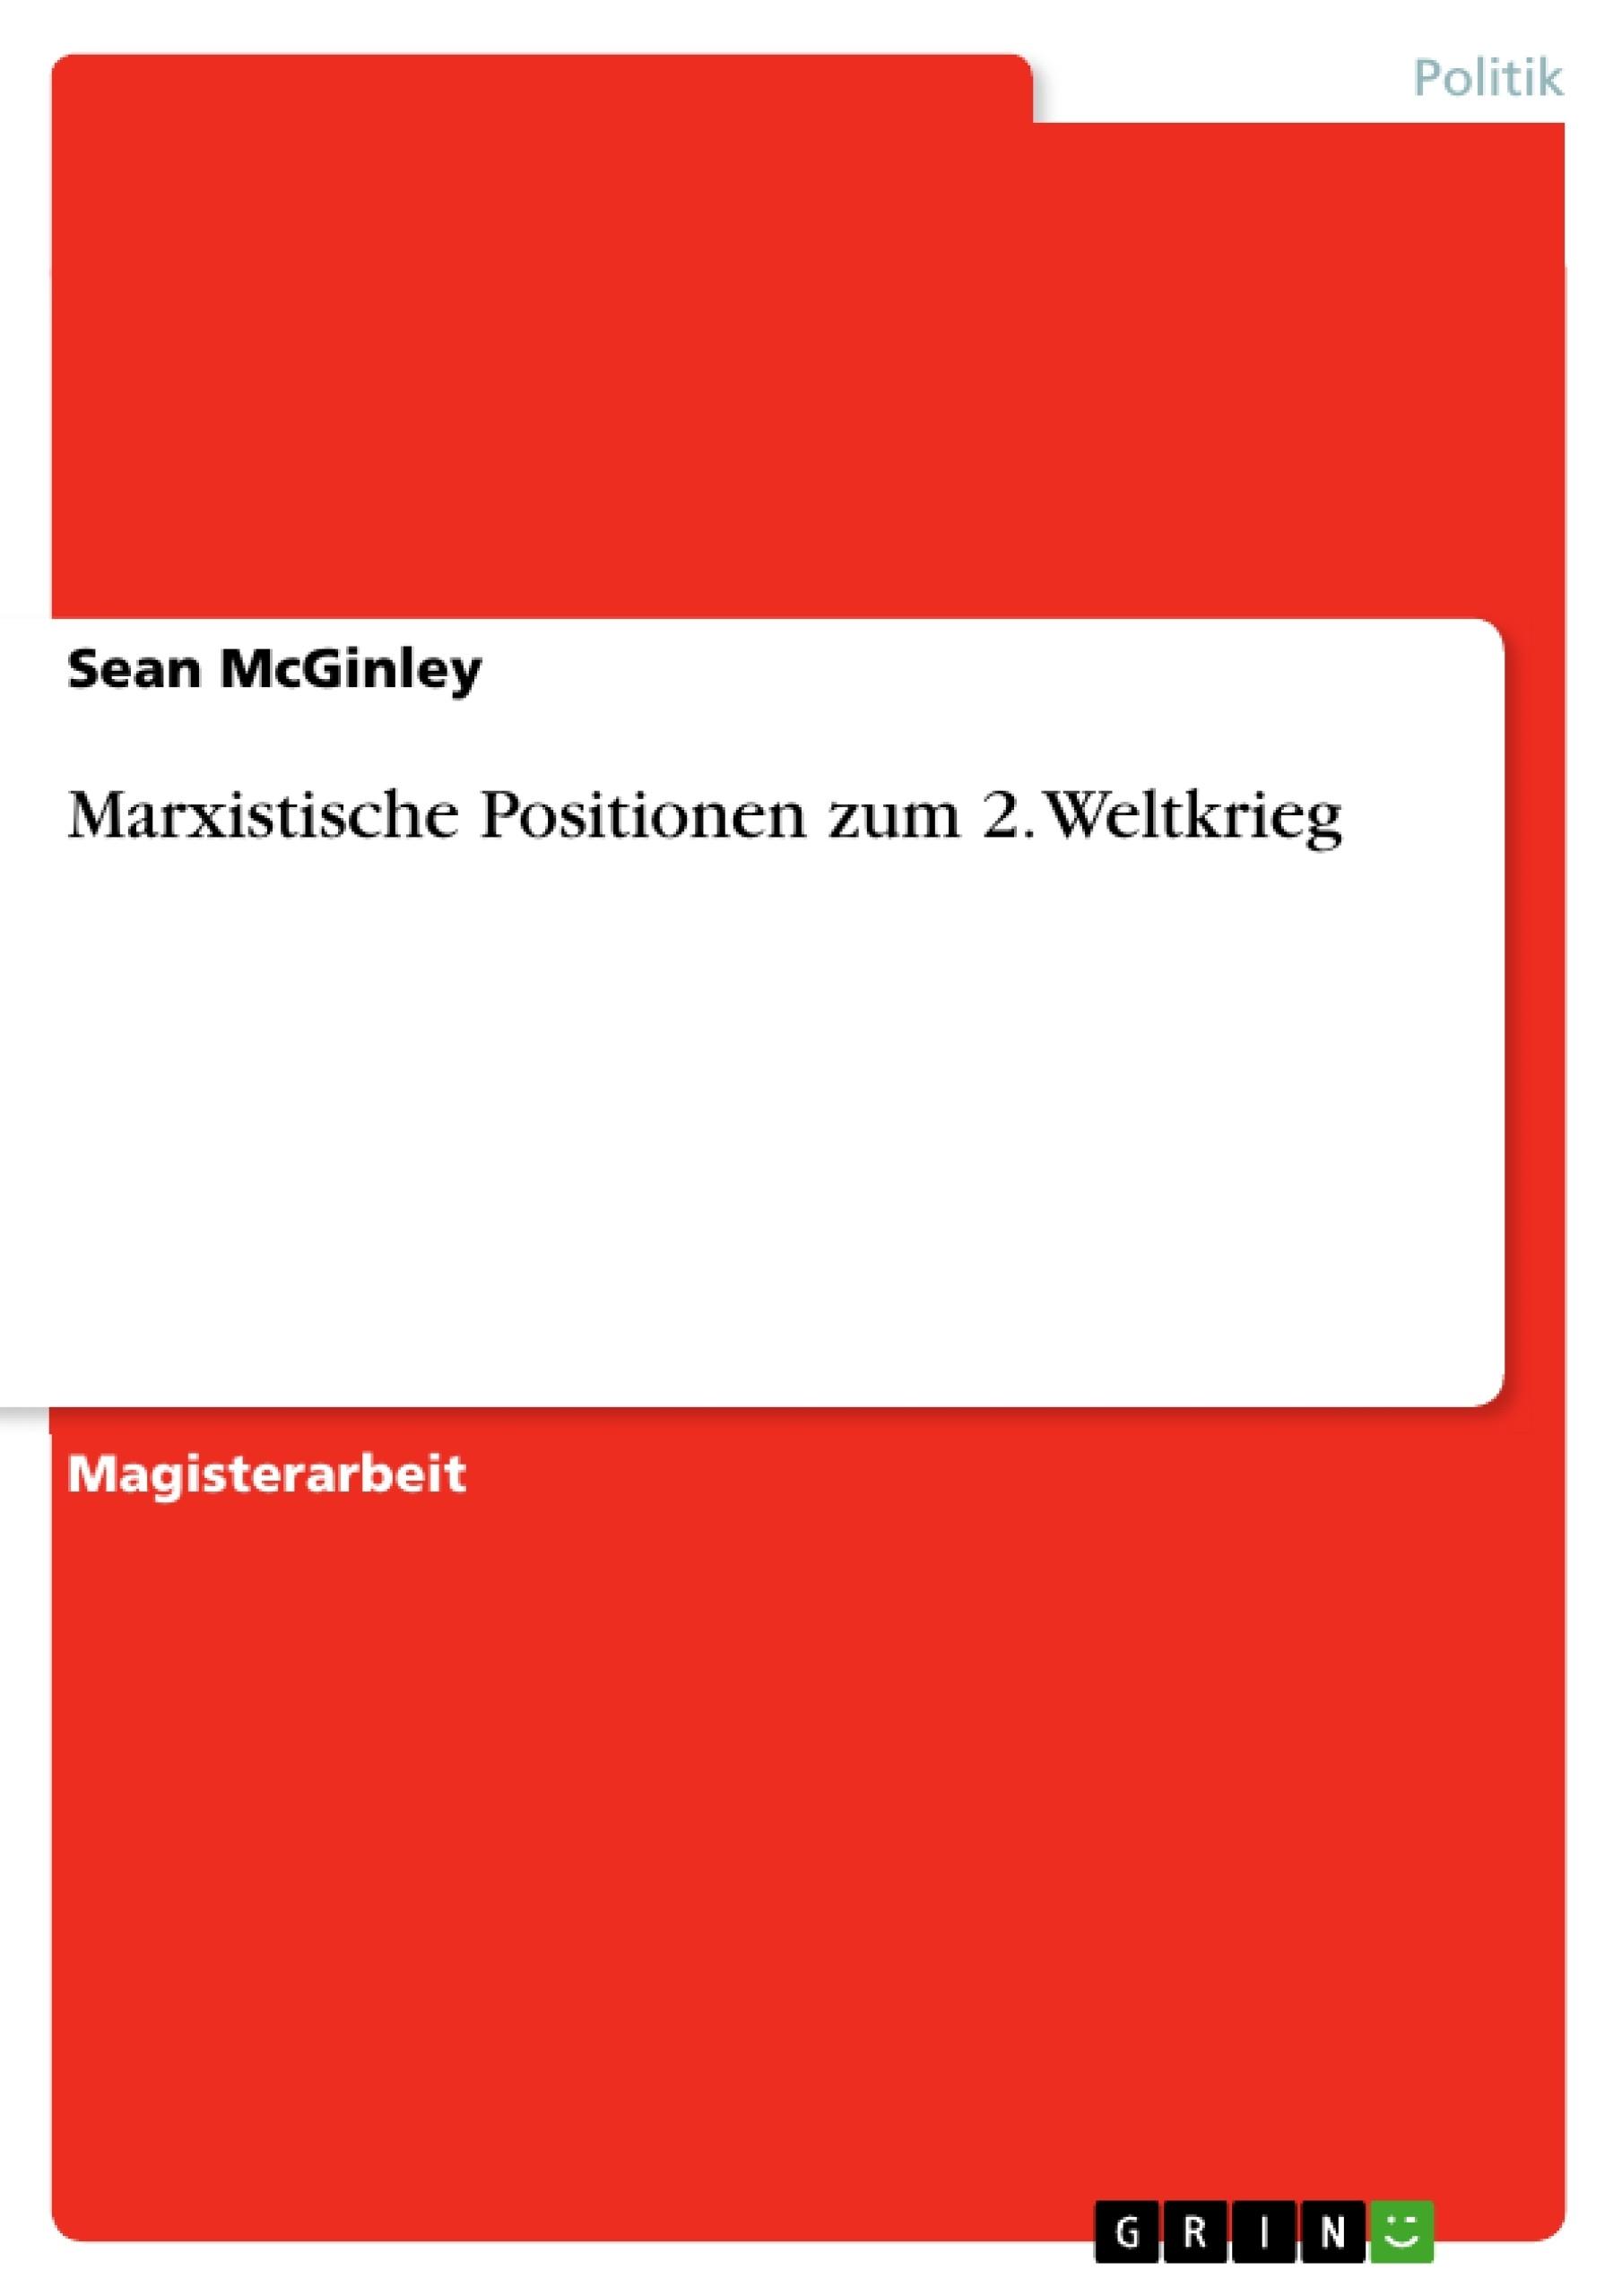 Titel: Marxistische Positionen zum 2. Weltkrieg